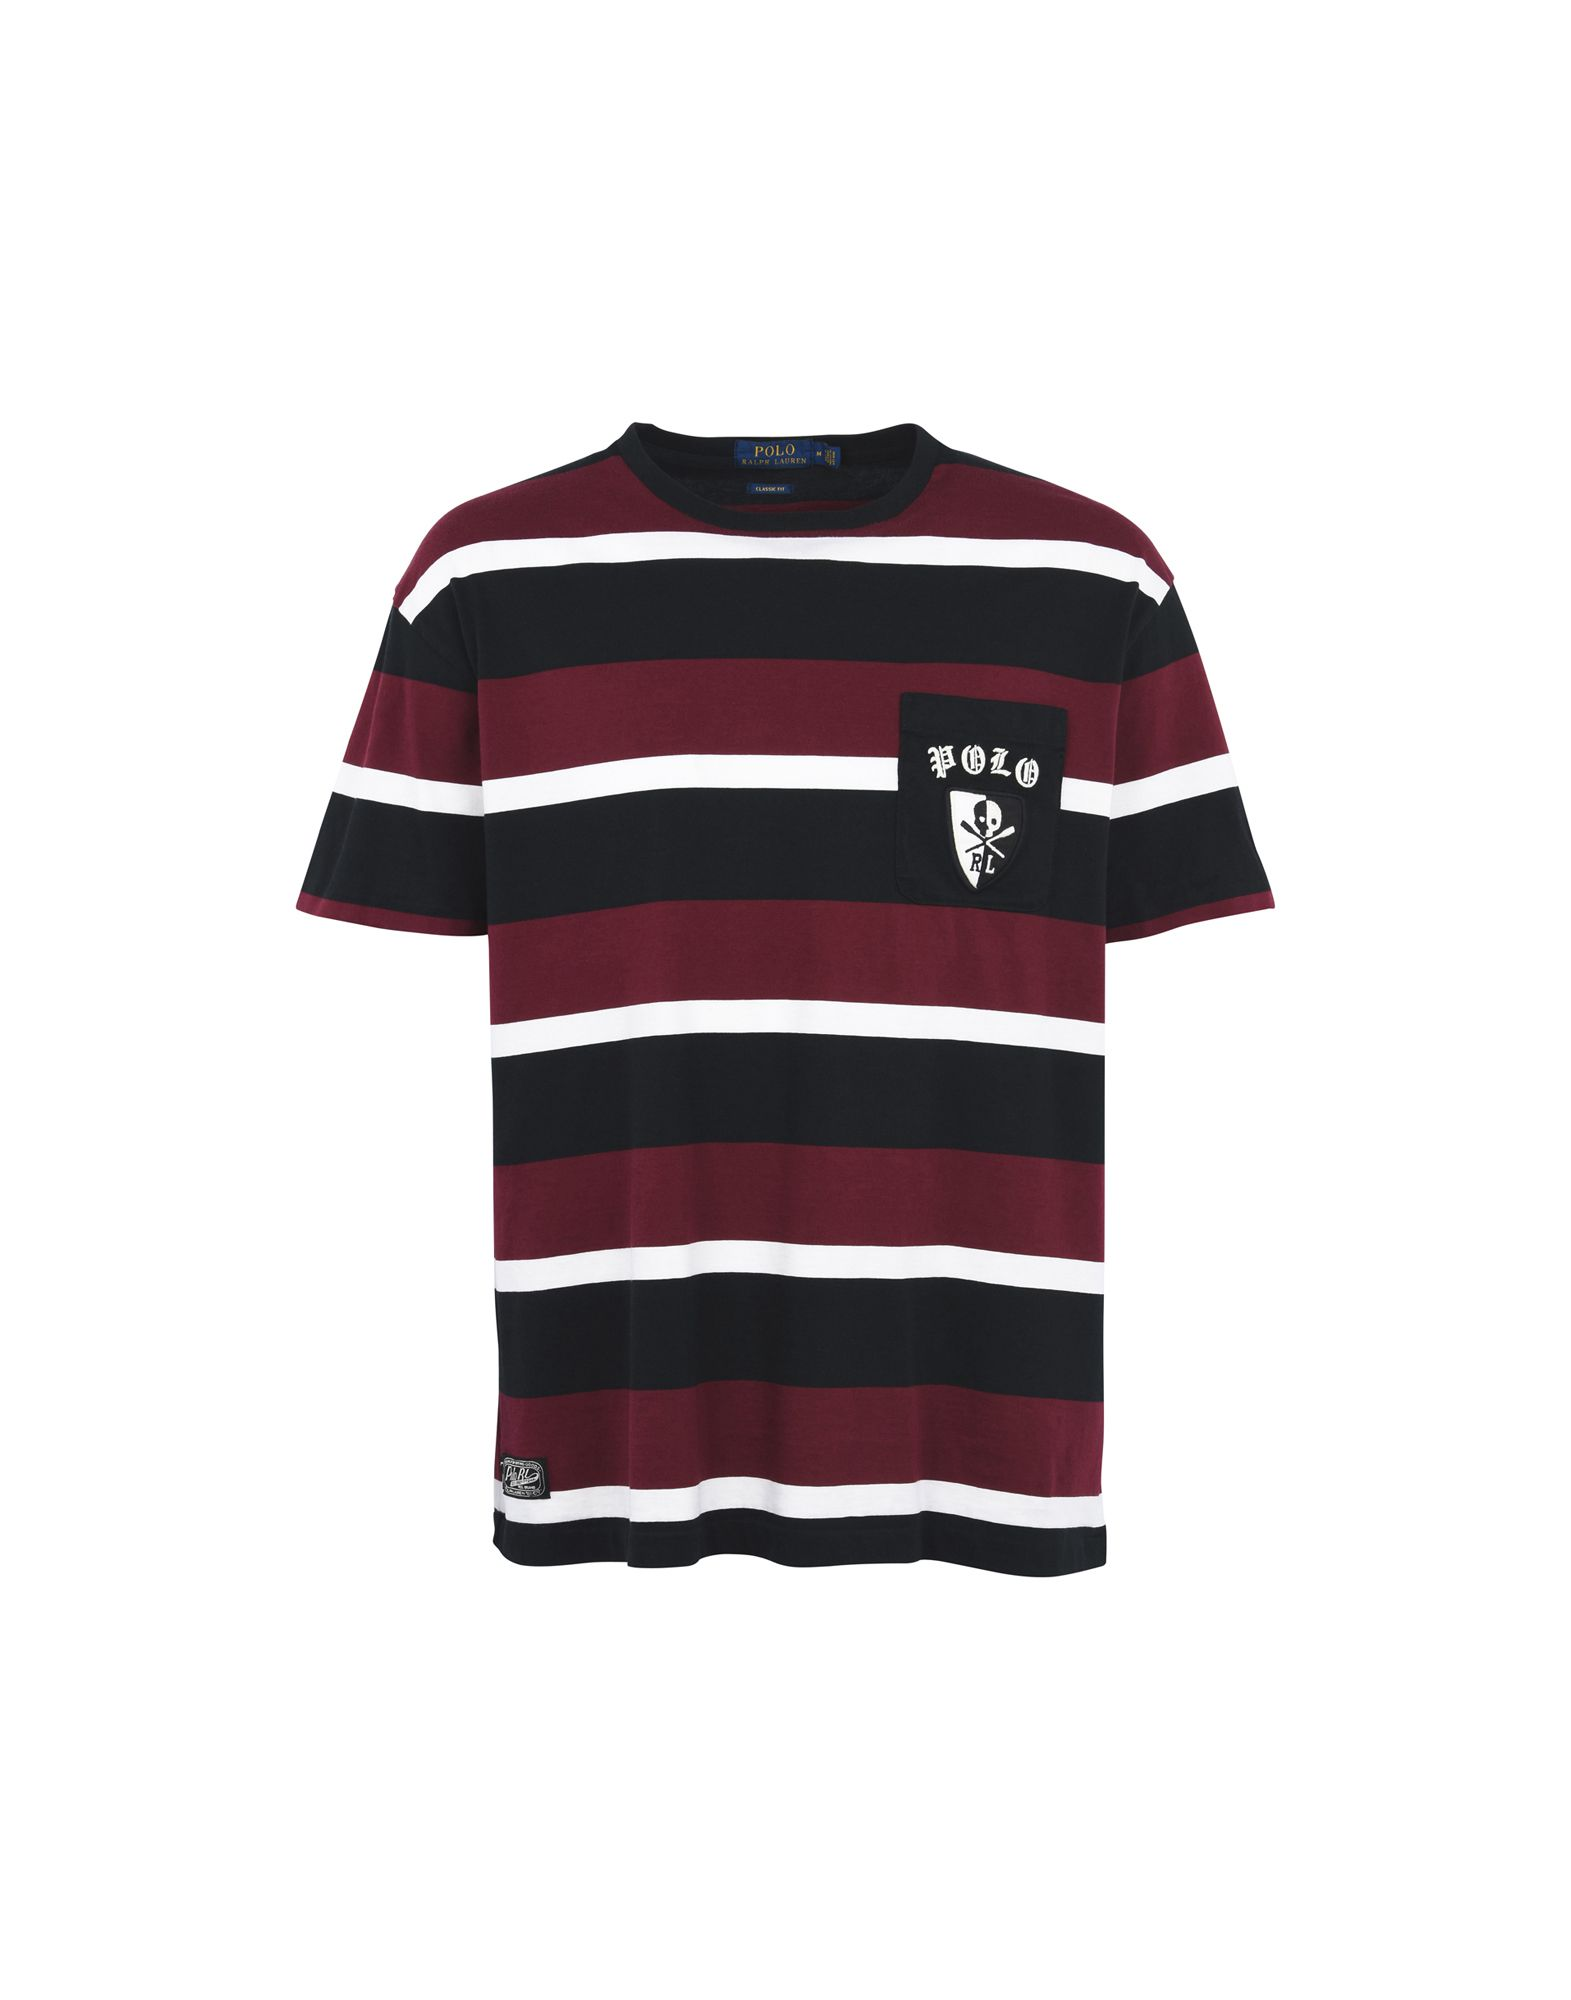 《送料無料》POLO RALPH LAUREN メンズ T シャツ ボルドー S コットン 100% Embroidered T Shirt